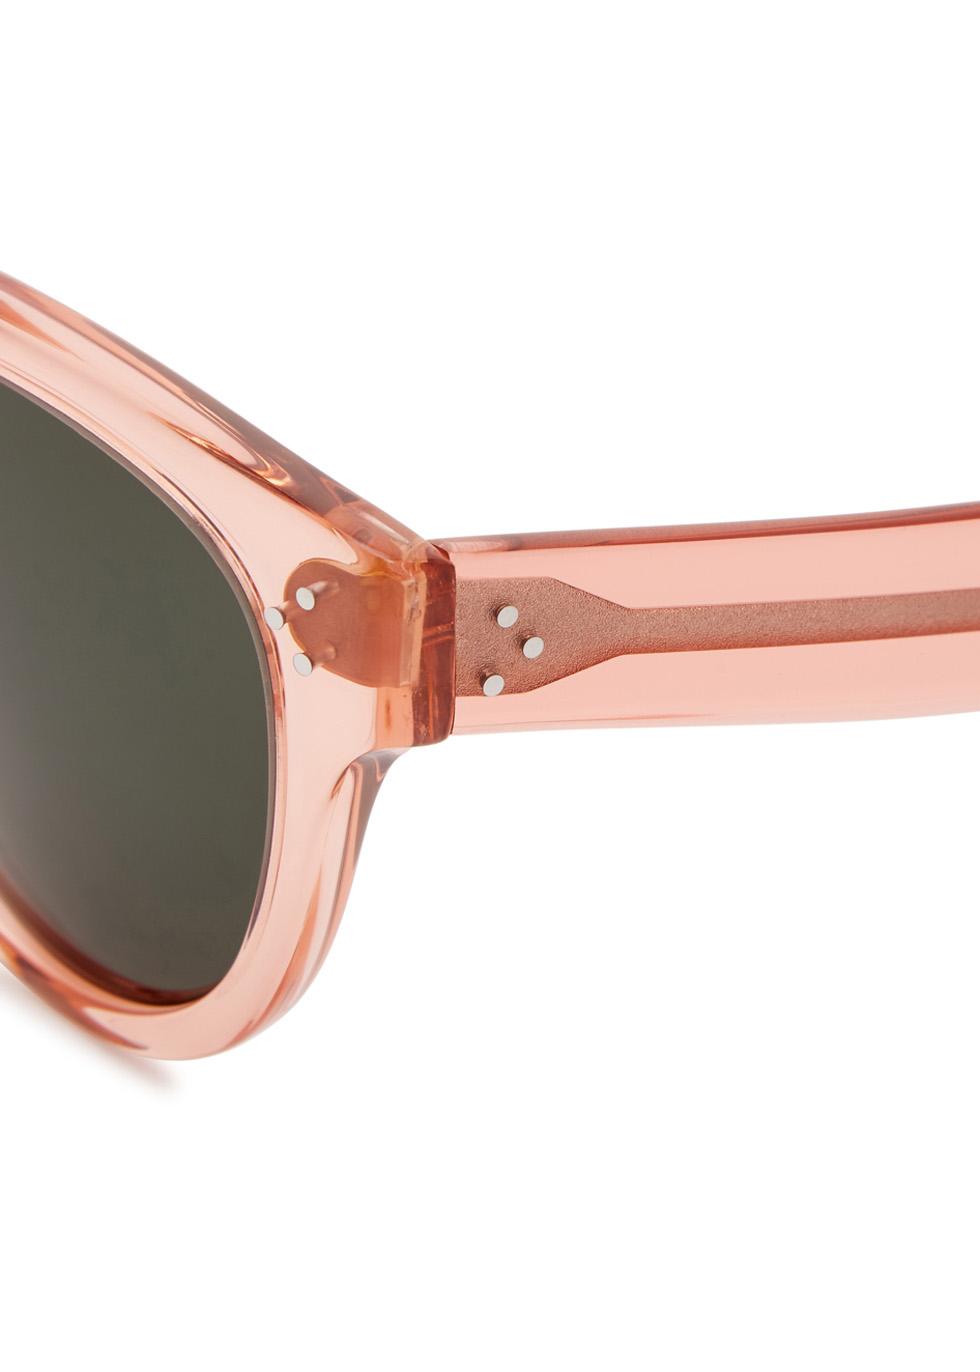 Audrey rose oversized sunglasses - Celine